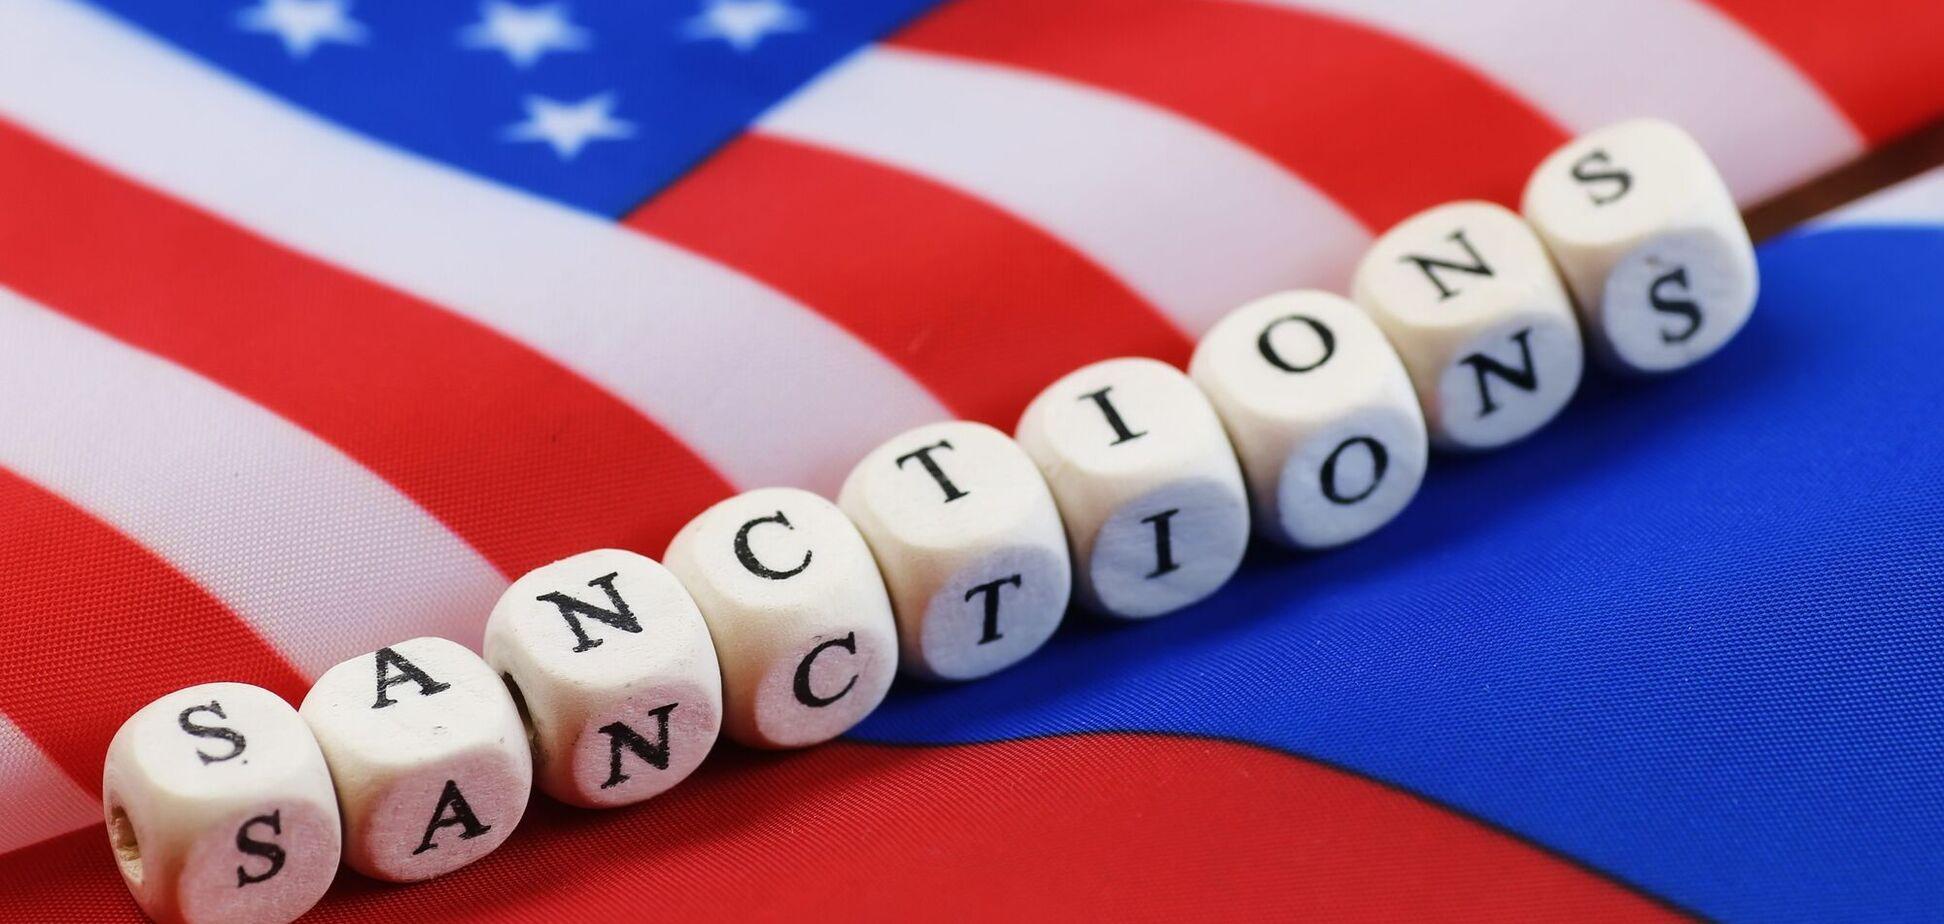 Вашингтону придется расплачиваться за санкции, – Захарова